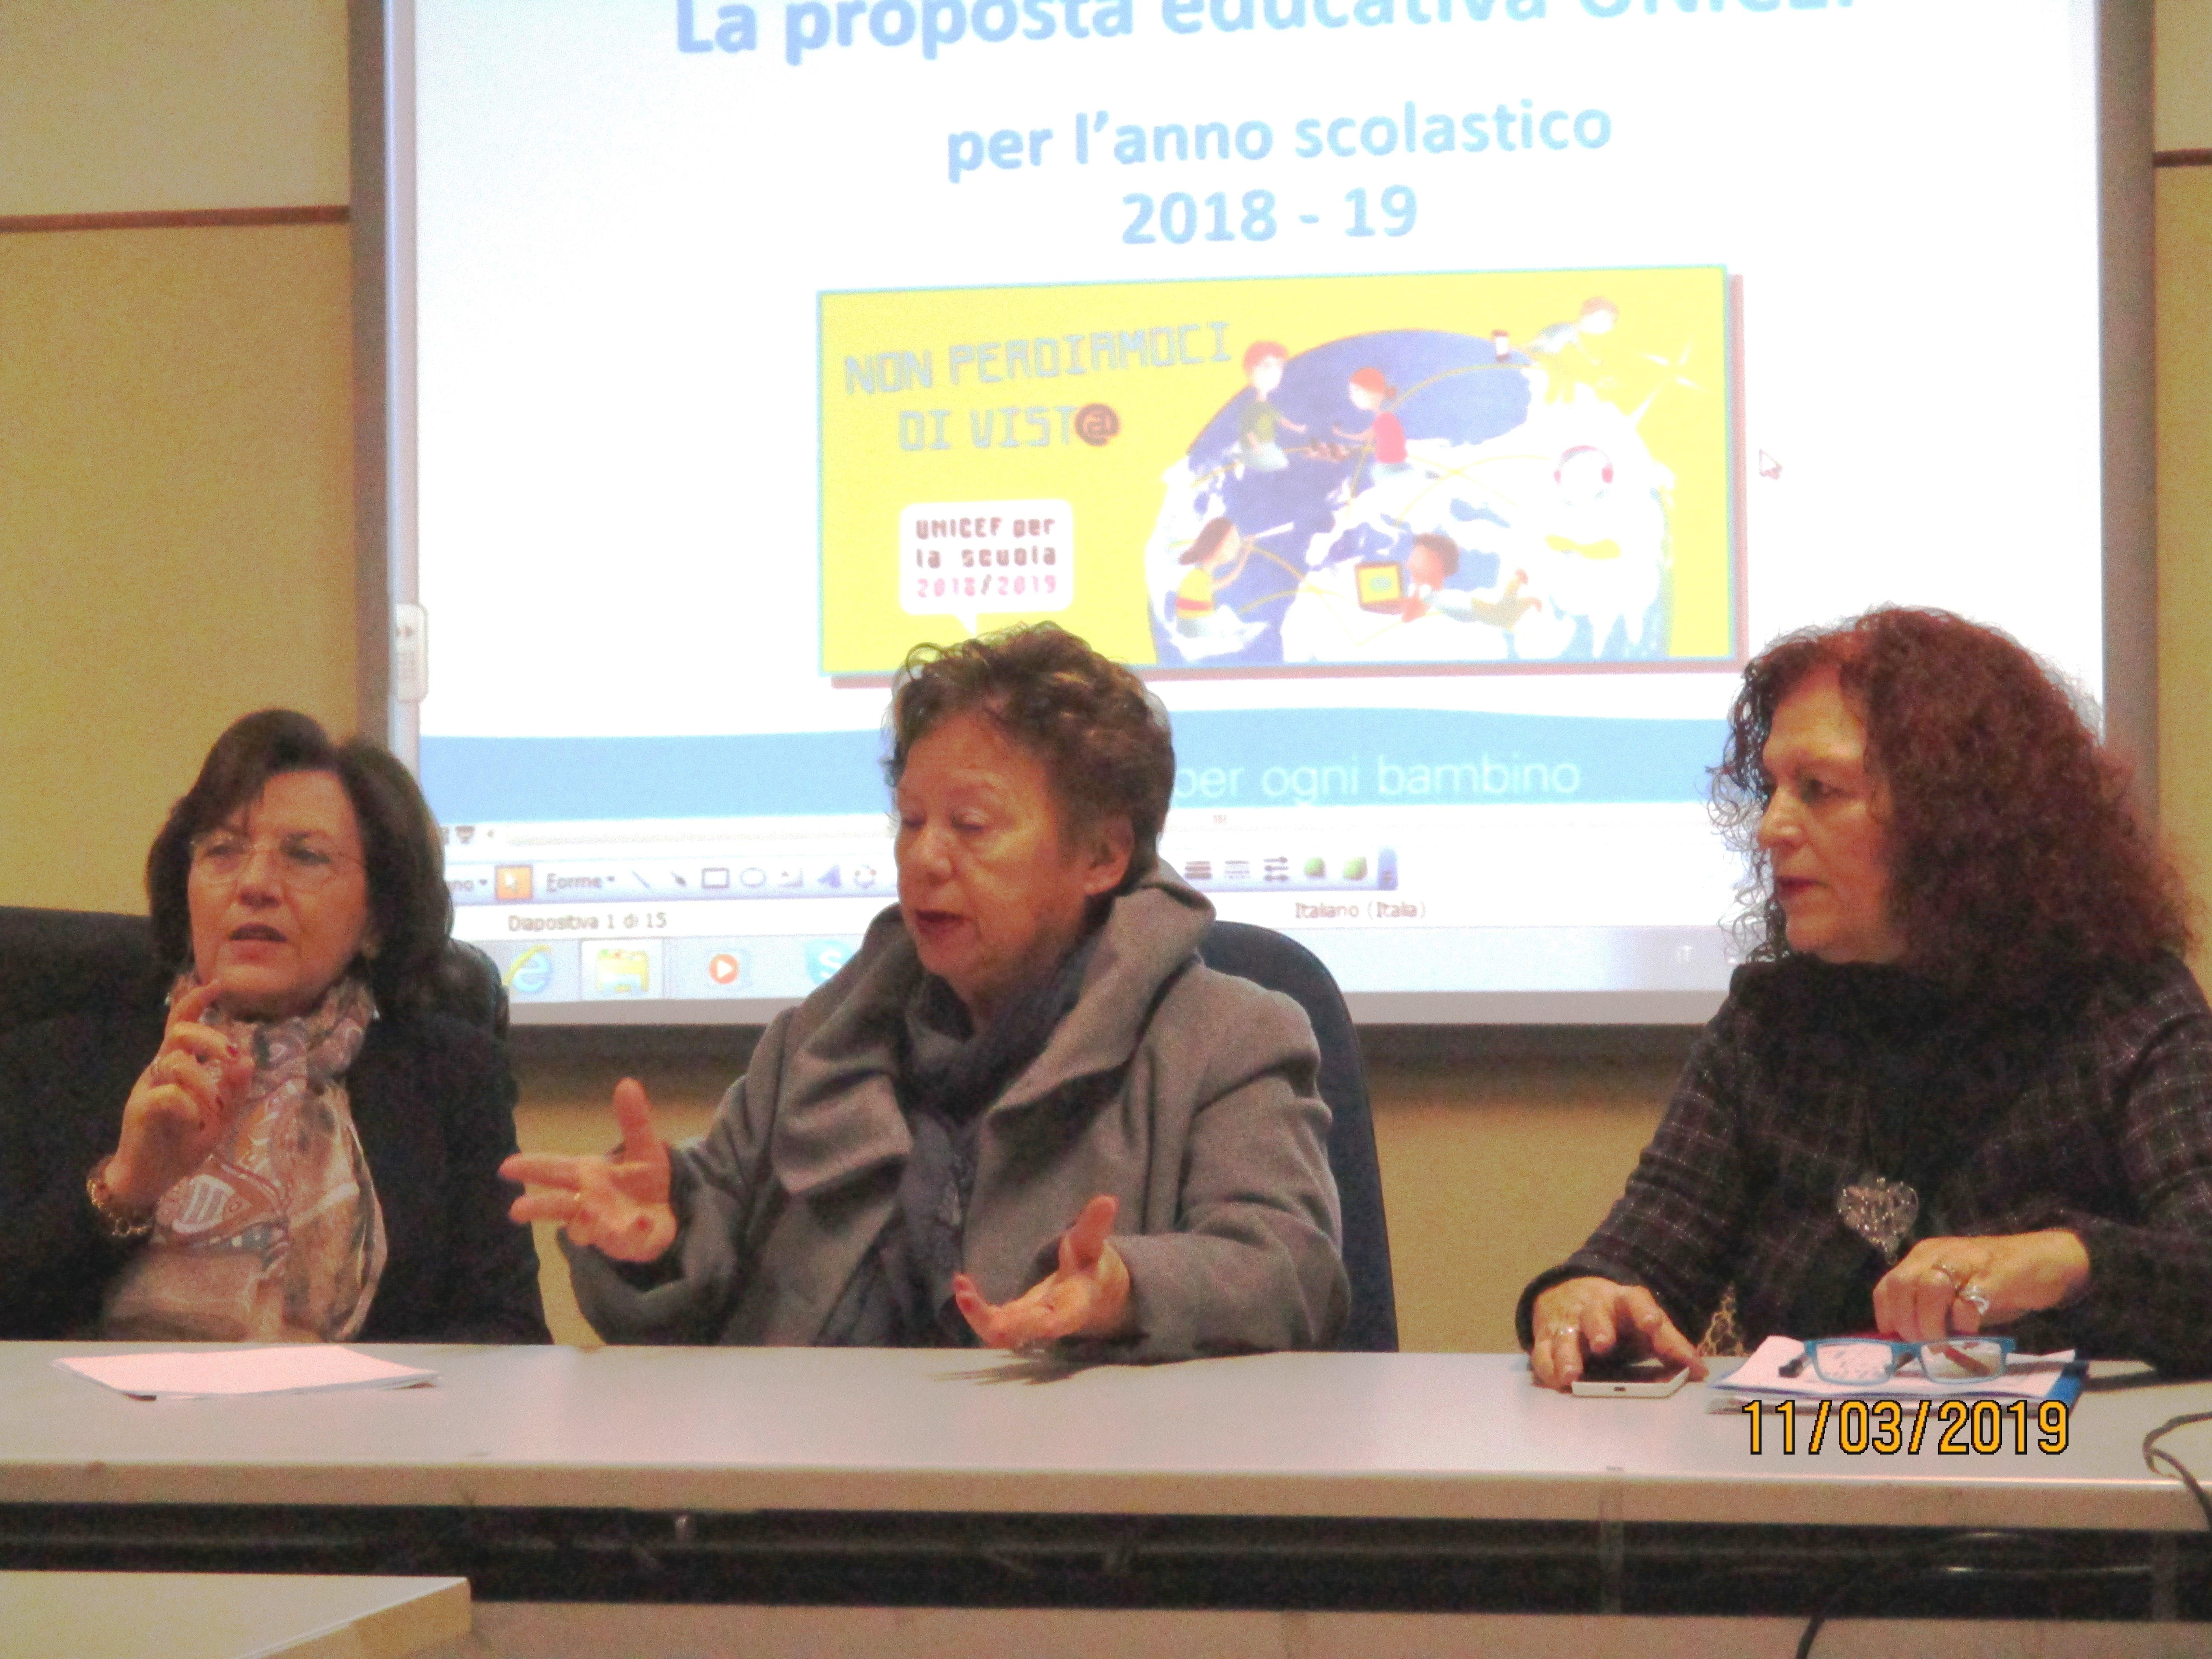 Corradina Liotta, Carmela Pace e Angelica Romano durante la Verifica Formativa